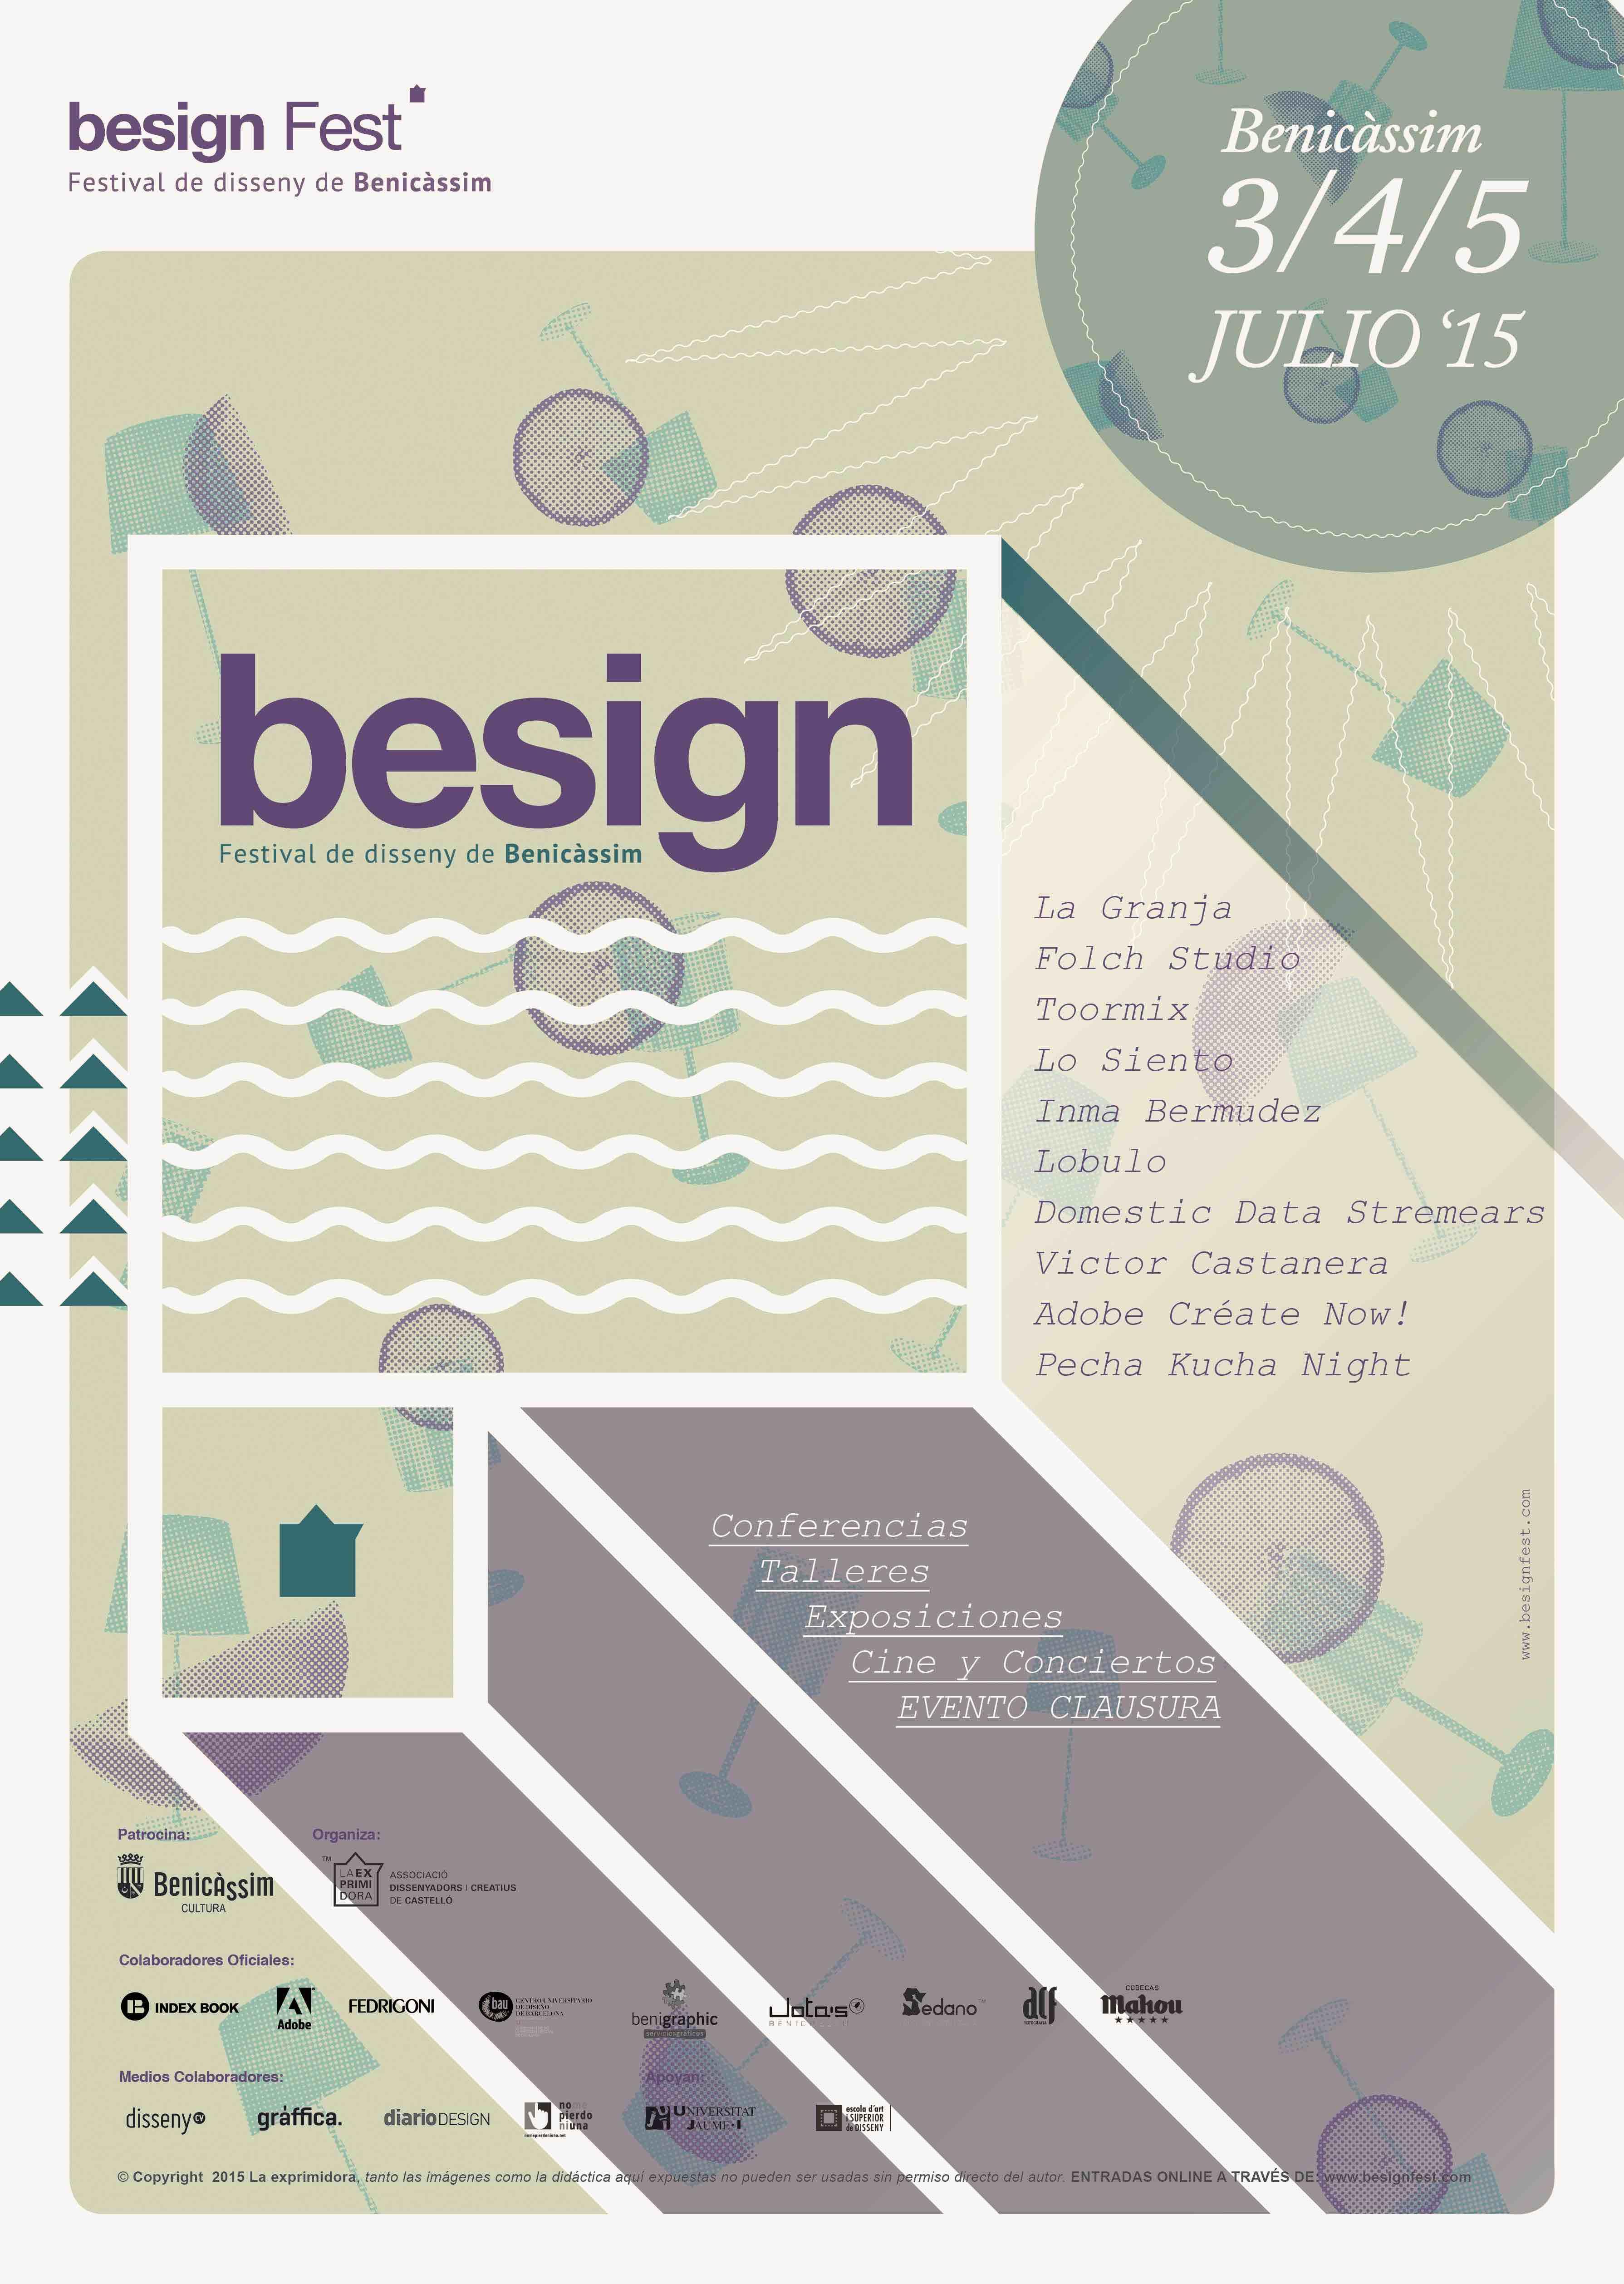 besign-fest-2015-3